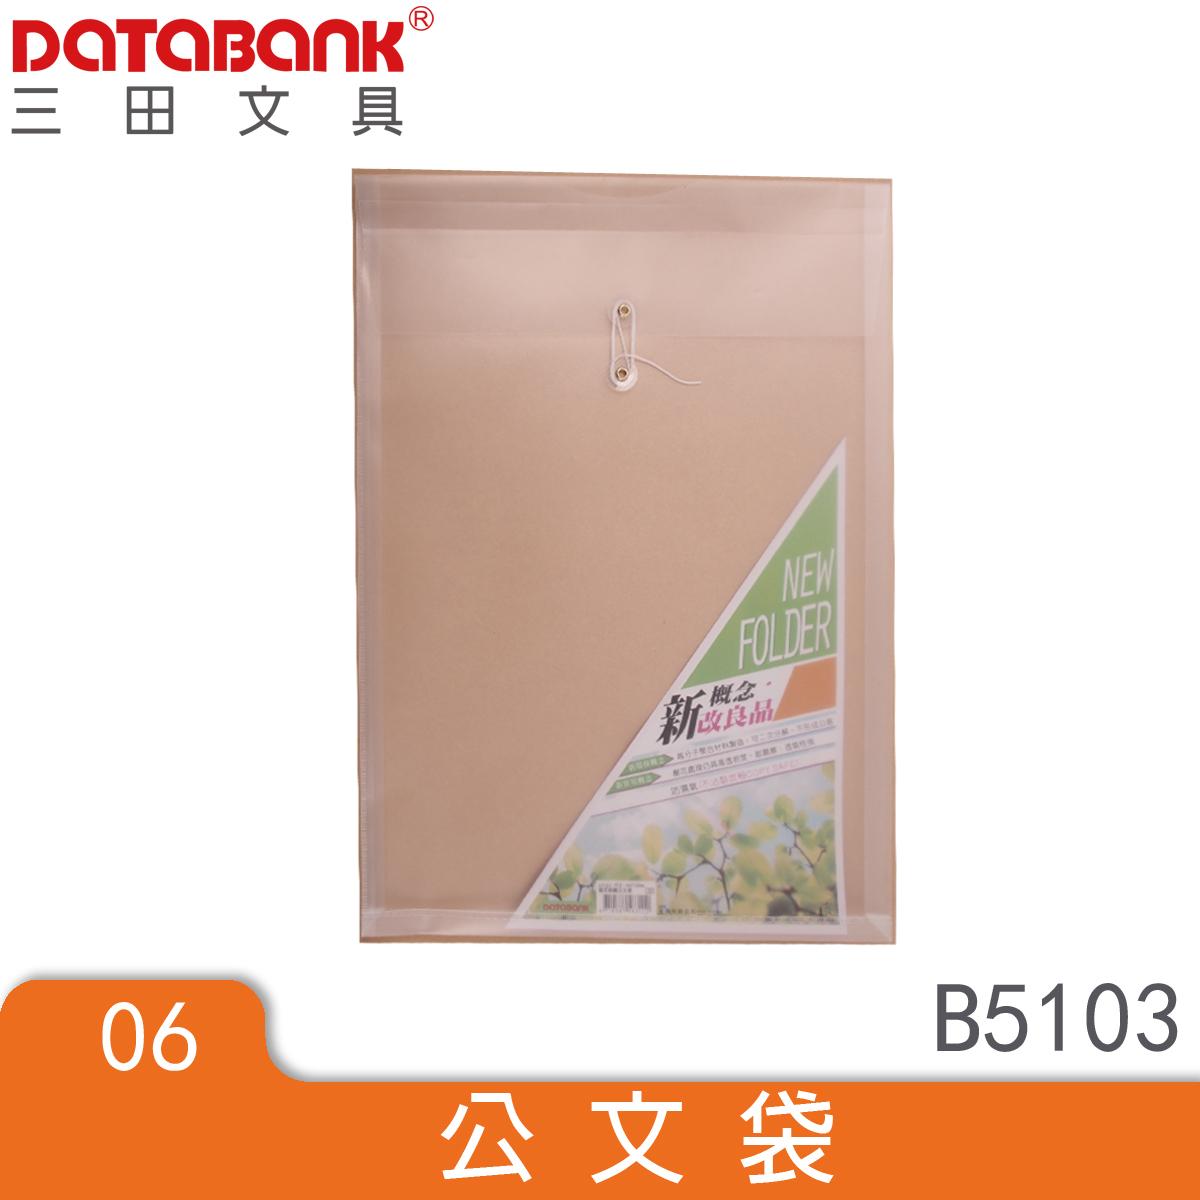 環保系列 B5 直式環保繩扣公文袋(B5103)12個 專營辦公室文具用品 文具批發 文件資料夾 DATABANK